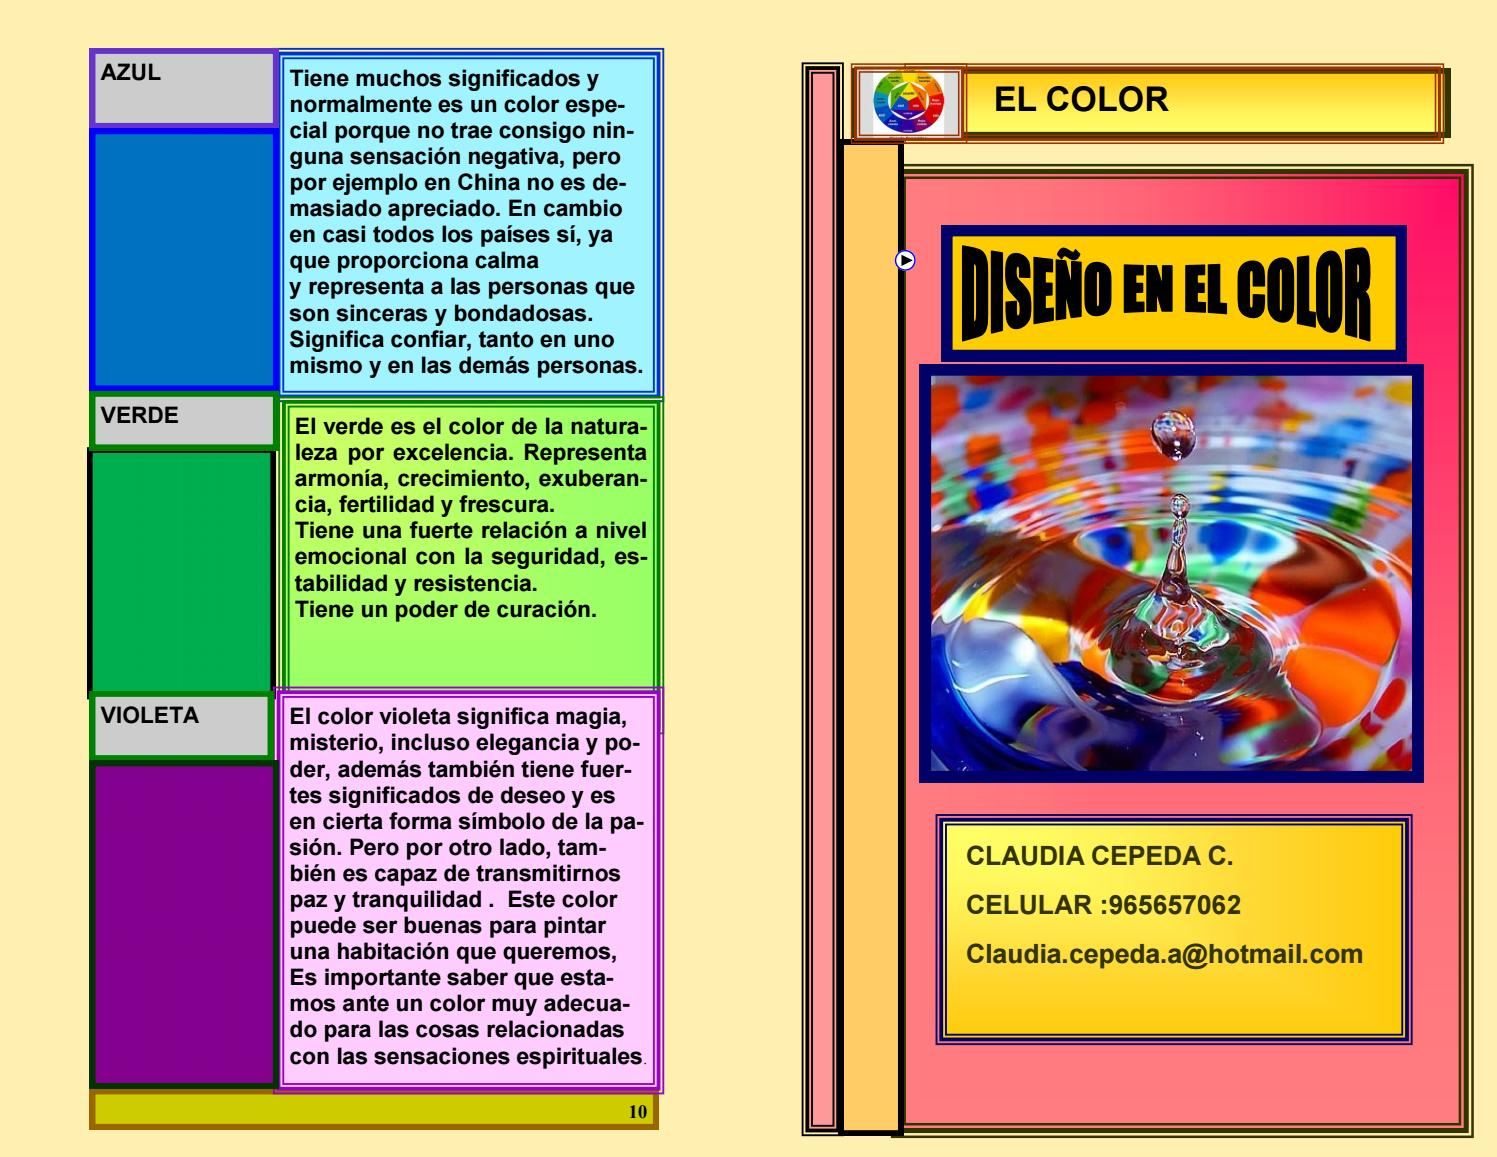 Catalogo del color by Claudia Cepeda - issuu